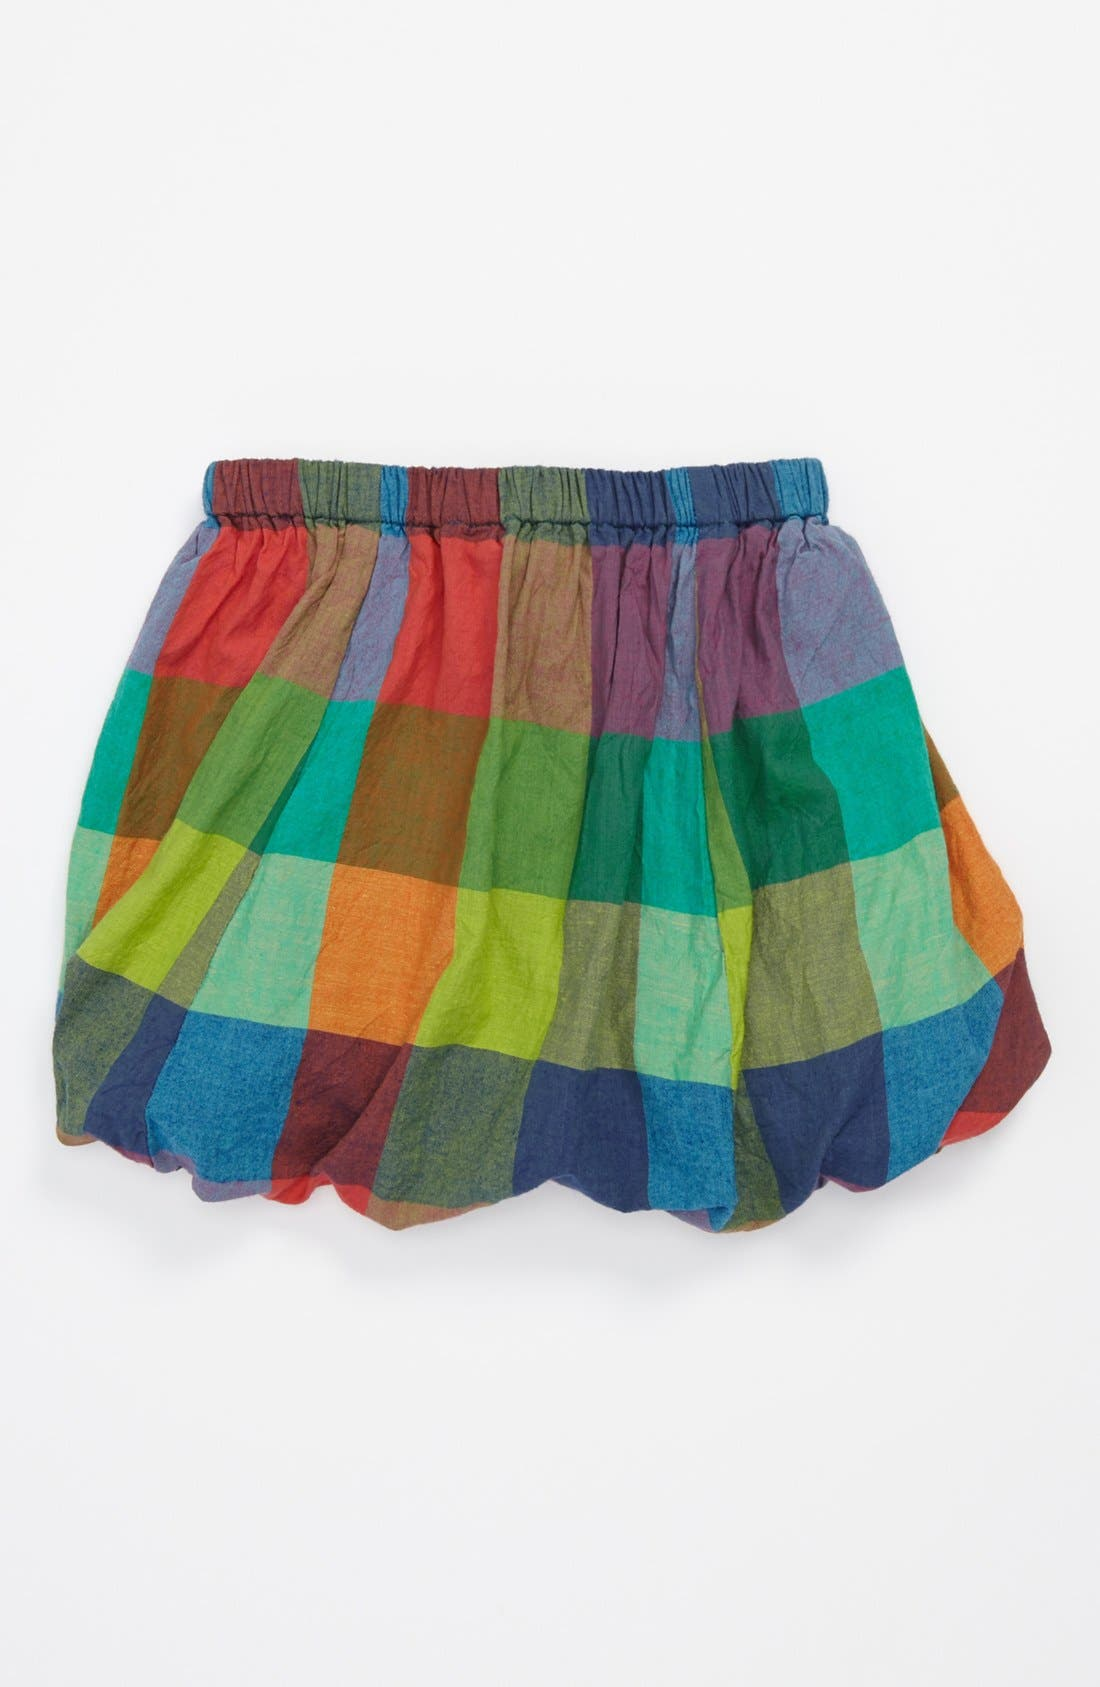 Alternate Image 1 Selected - Peek 'Sadie' Skirt (Toddler Girls, Little Girls & Big Girls)